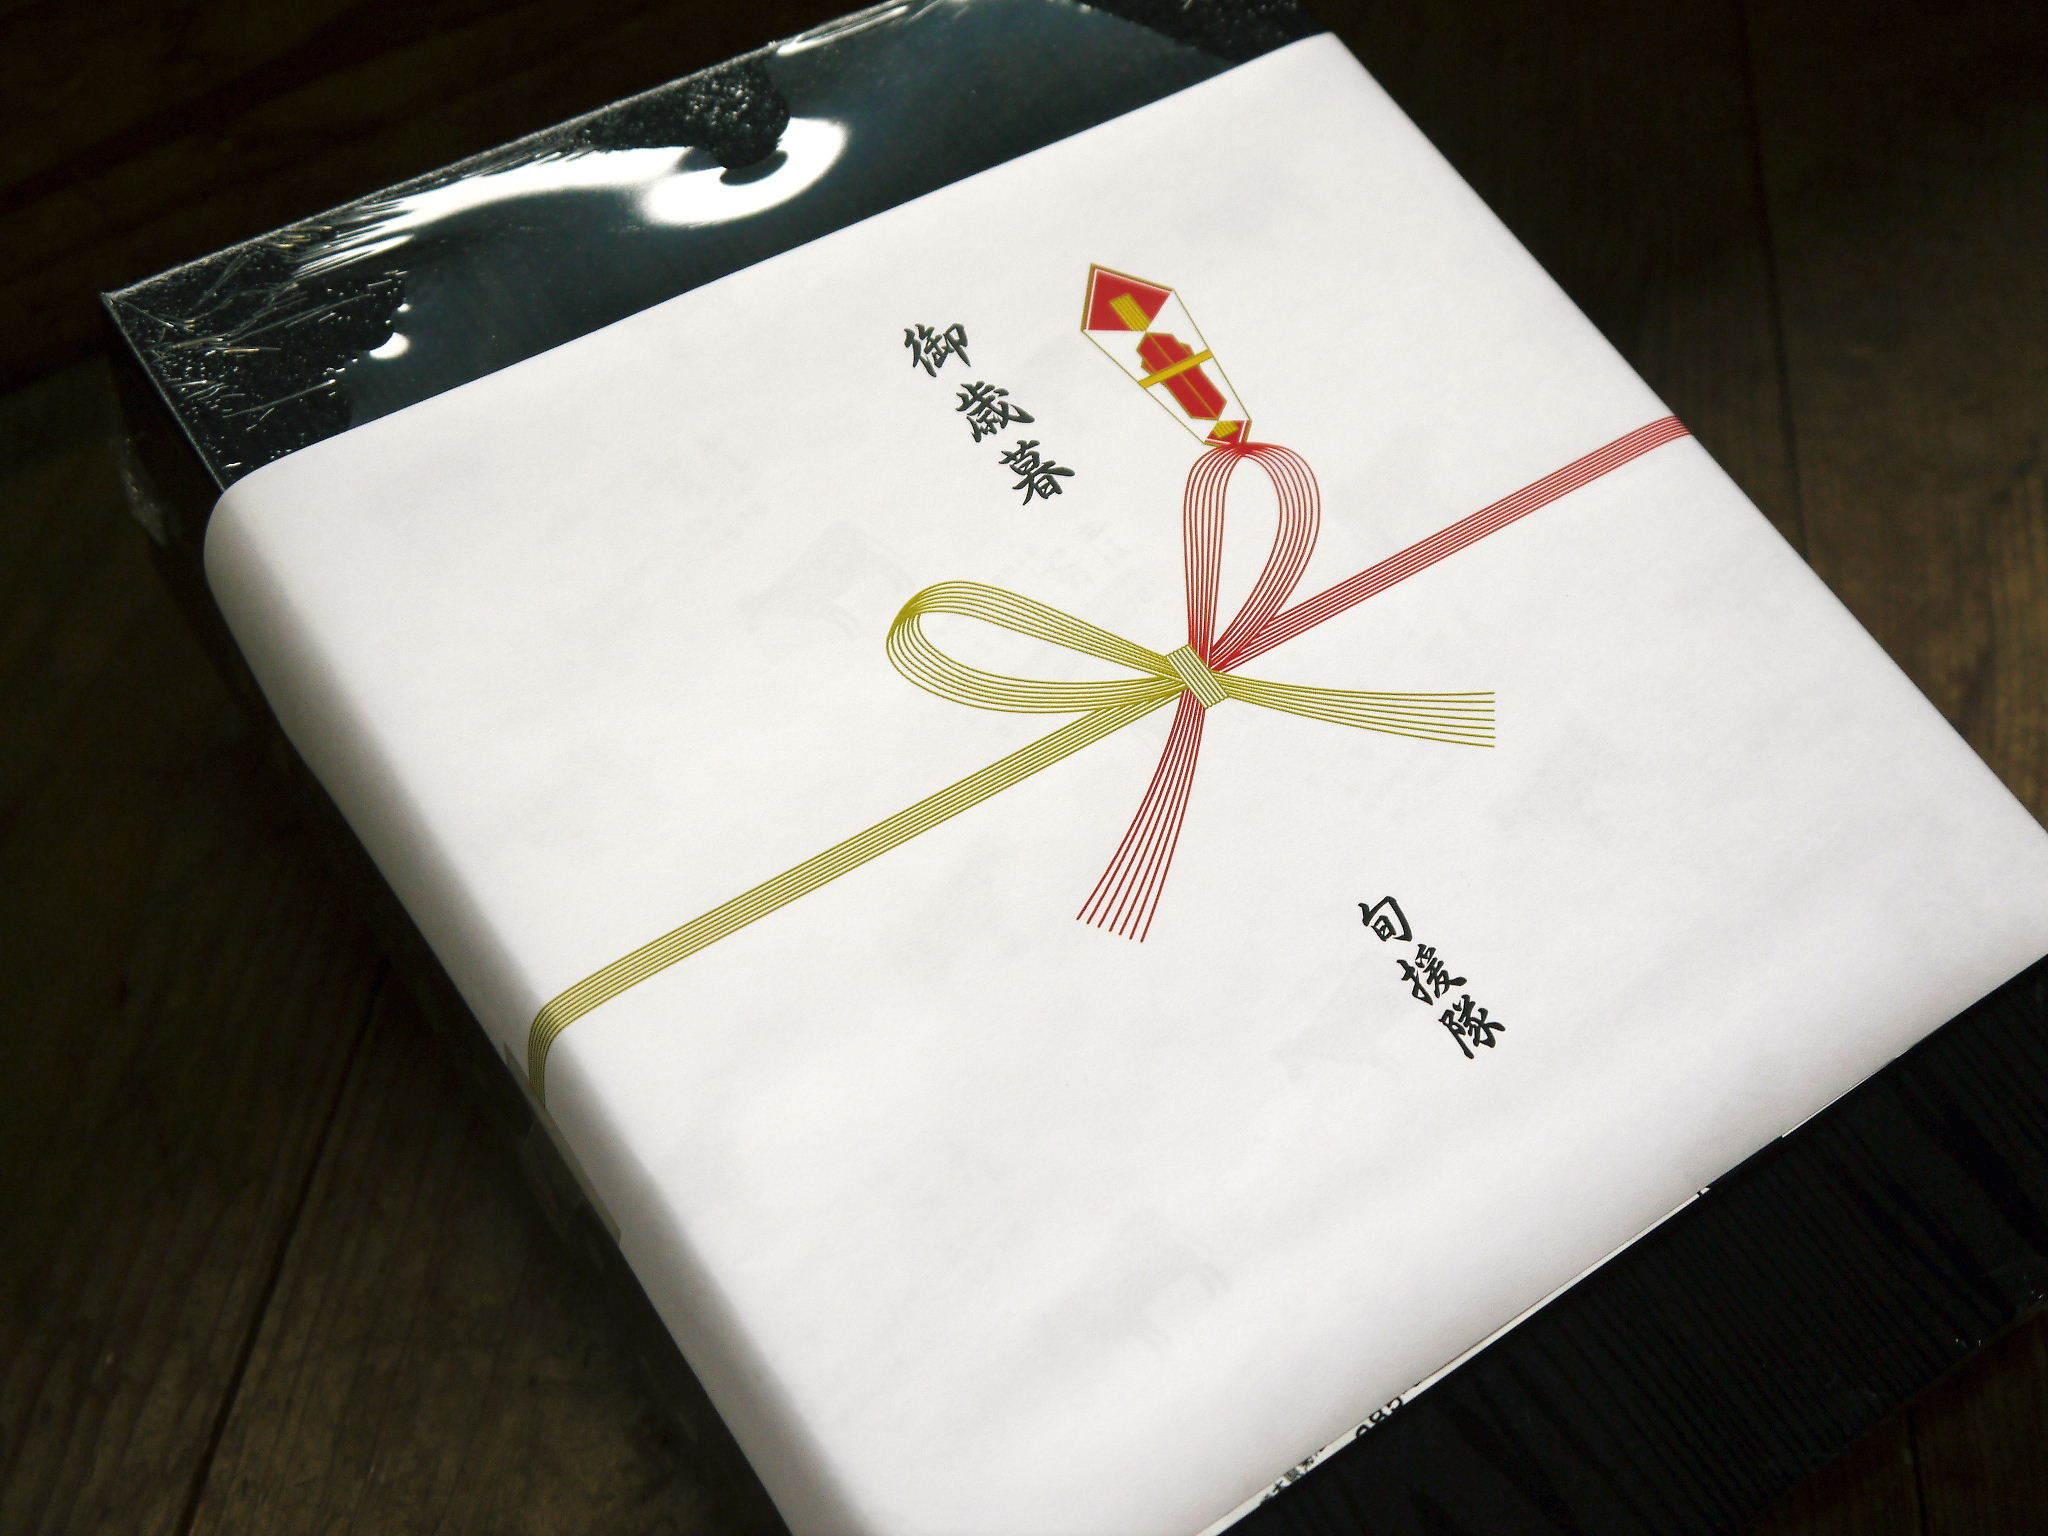 熊本県産の黒毛和牛を100%のハンバーグステーキ!11月25日(水)出荷分残りわずか!ギフト包装も対応します _a0254656_17594597.jpg